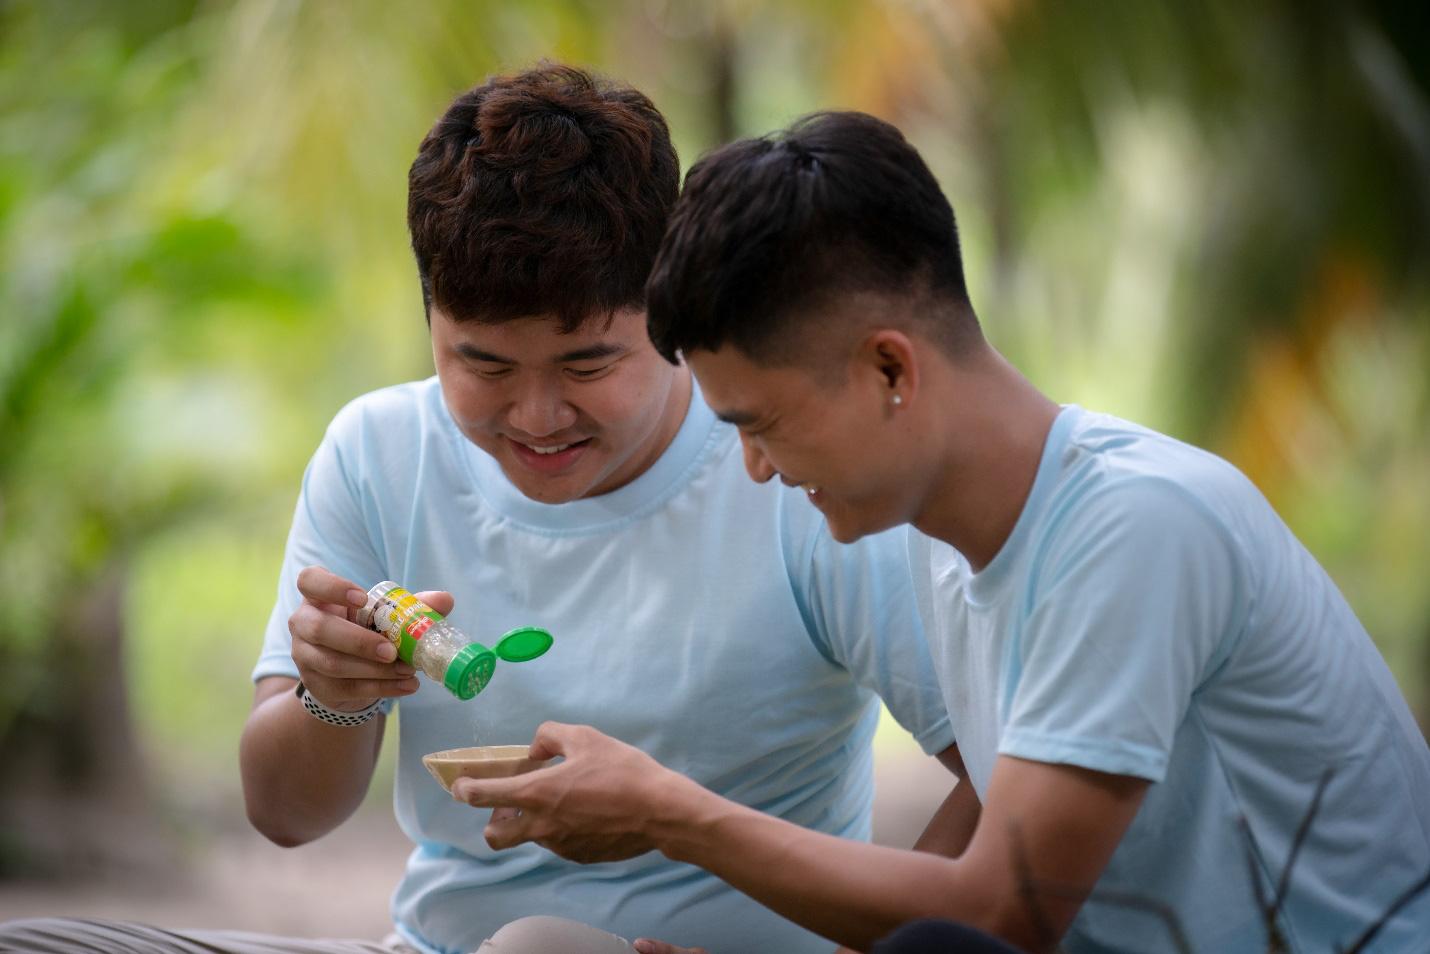 Cùng Quốc Khánh - Võ Đăng Khoa nấu đặc sản miền Tây: Cá bống kho, gà hấp củ hũ dừa, gỏi tai heo - Ảnh 4.